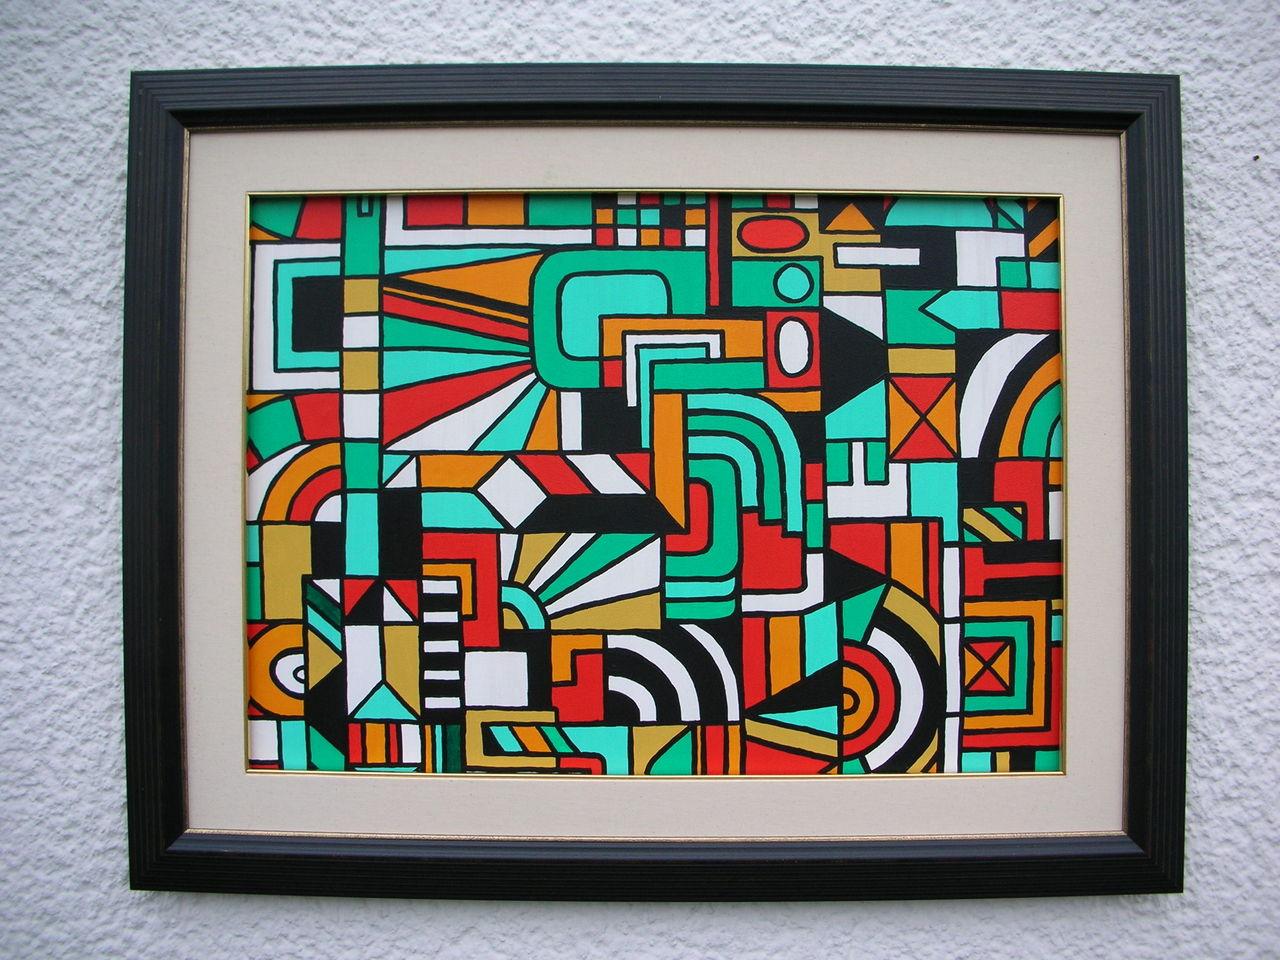 geo nr dscn2504 wei gelb gr n rot schwarz von g nter klemusch bei kunstnet. Black Bedroom Furniture Sets. Home Design Ideas